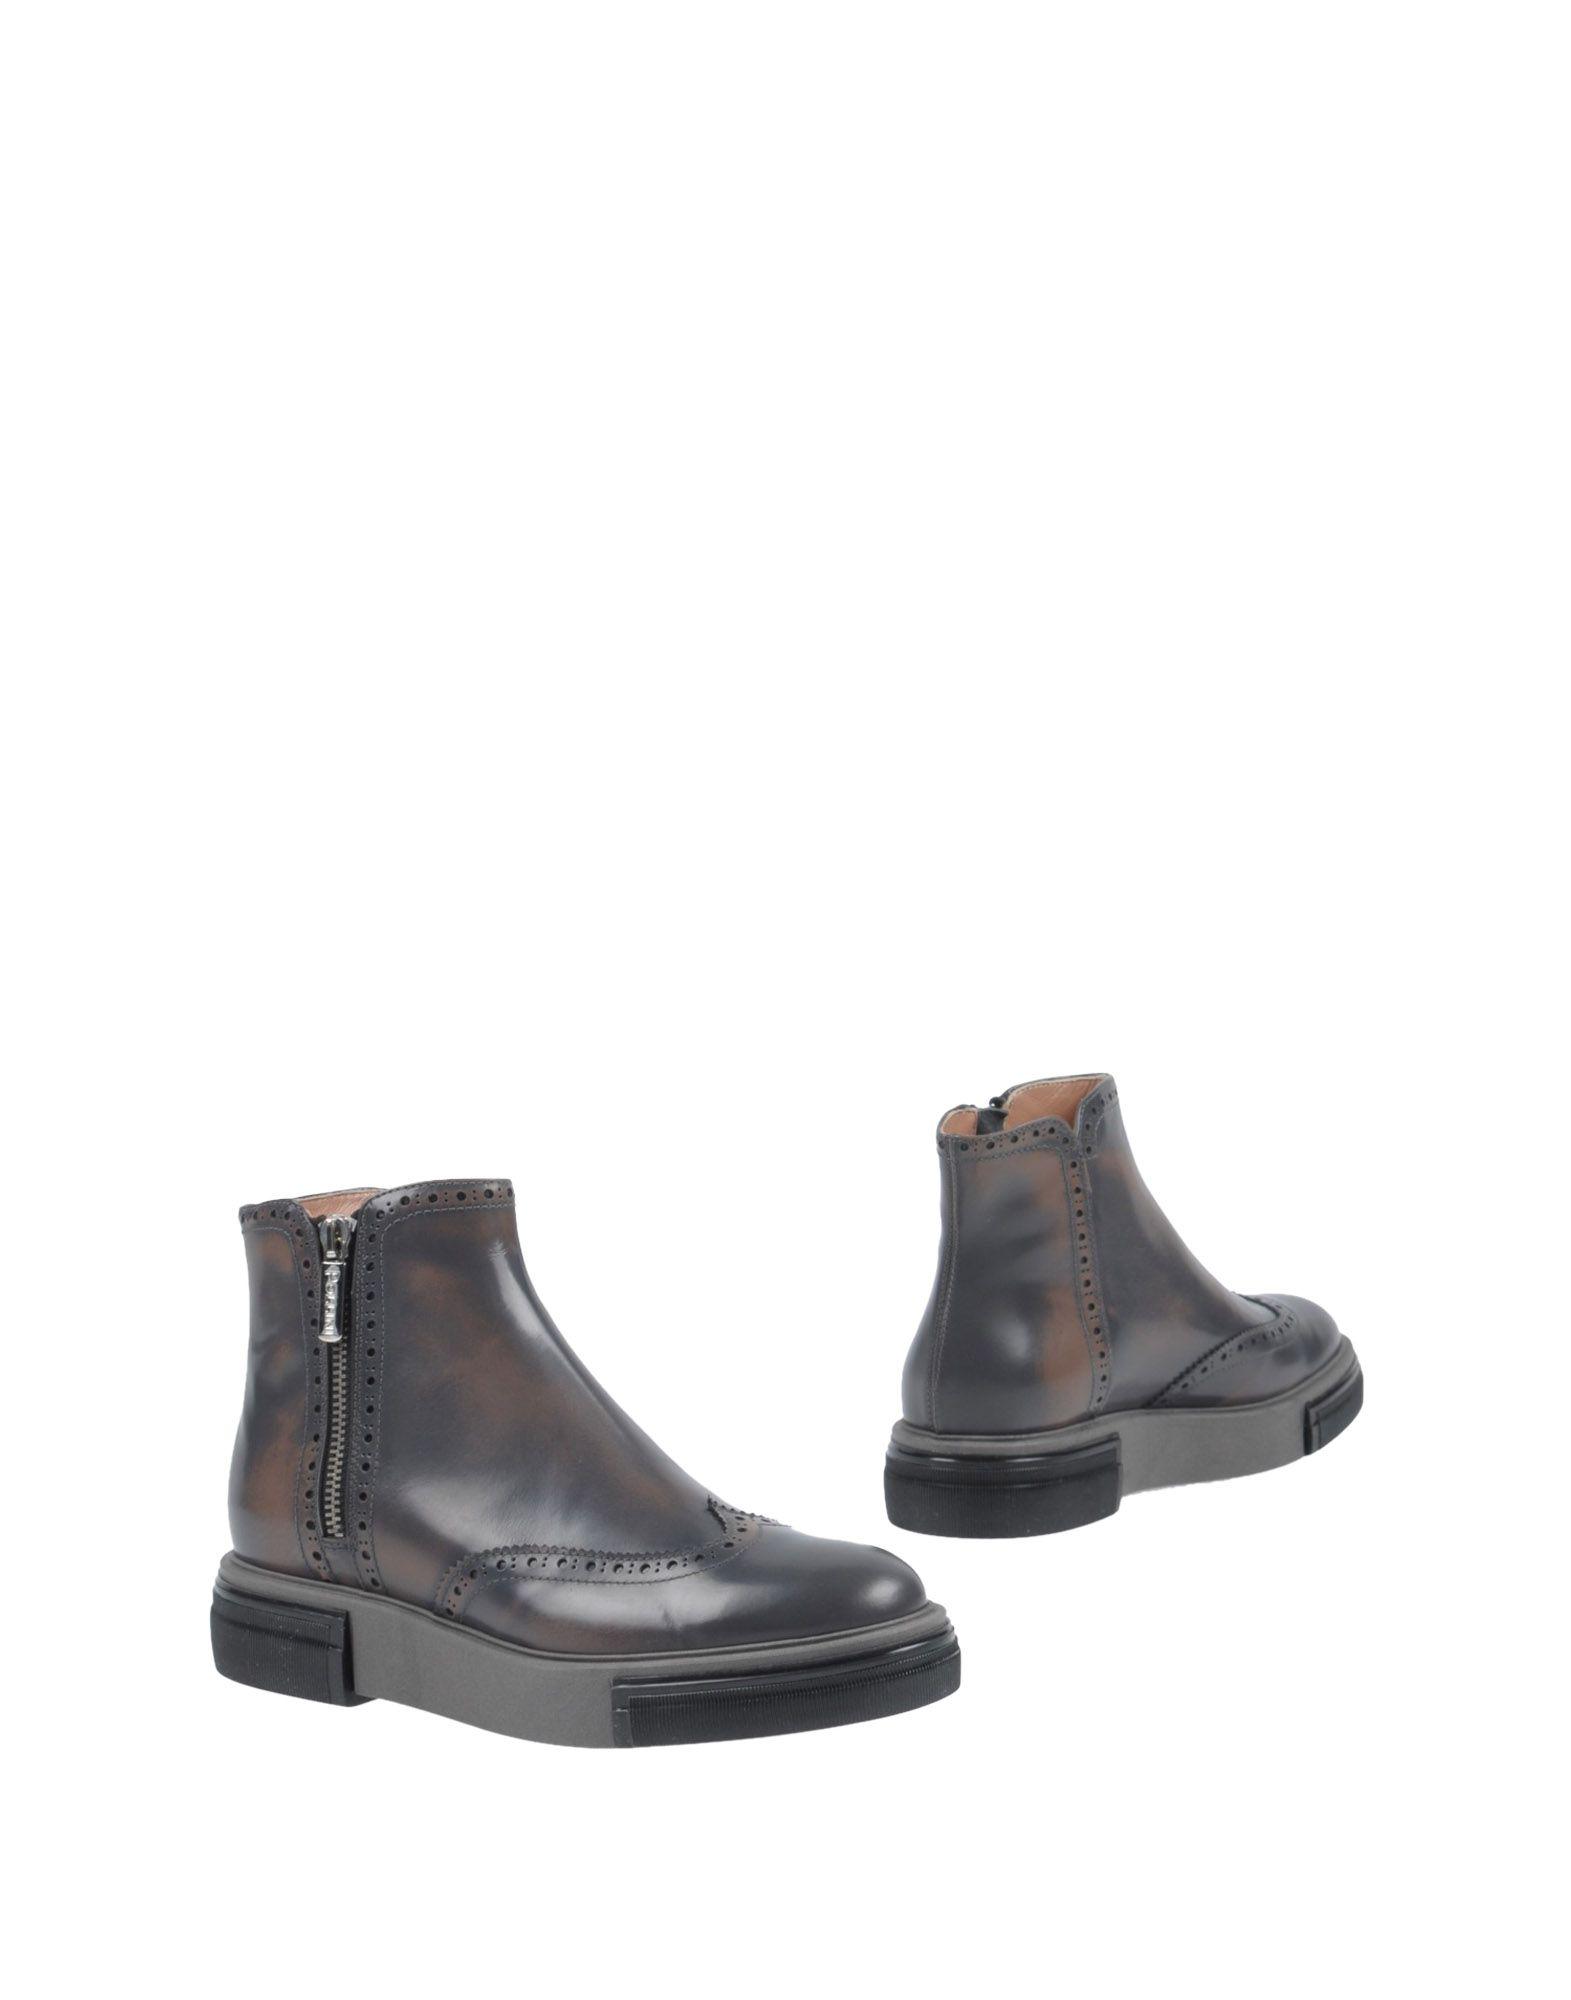 Pollini Stiefelette Damen  11448644ORGut aussehende strapazierfähige Schuhe